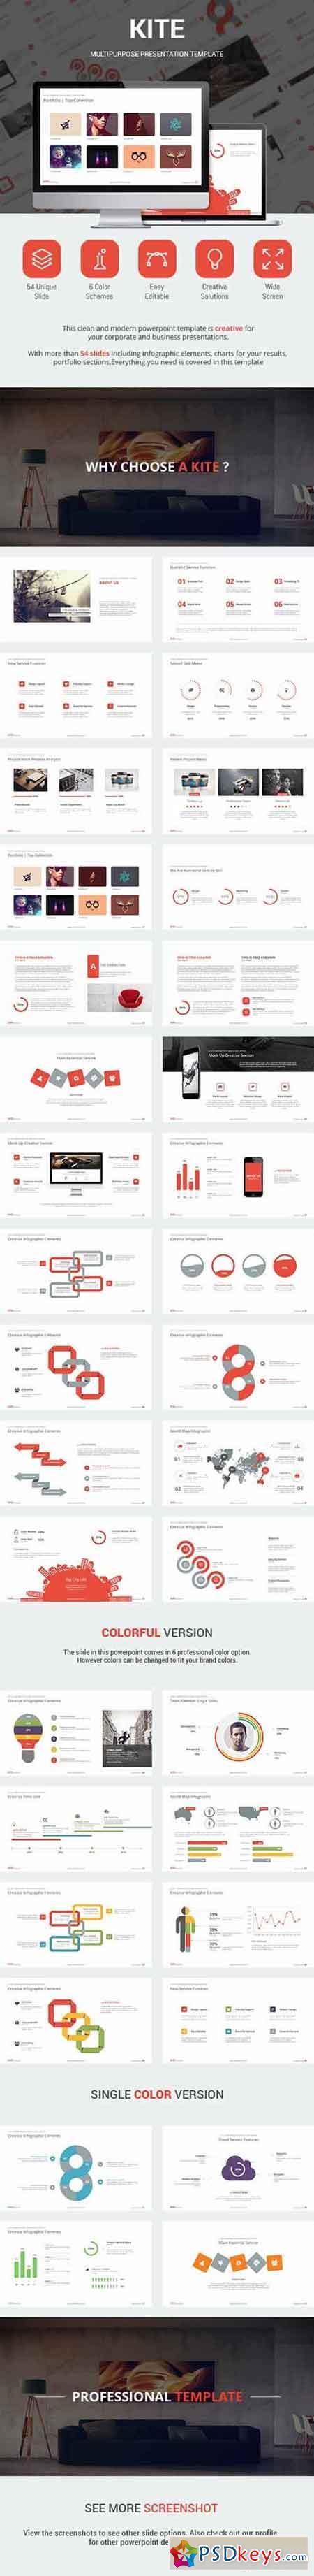 Kite - Presentation Template 9493897